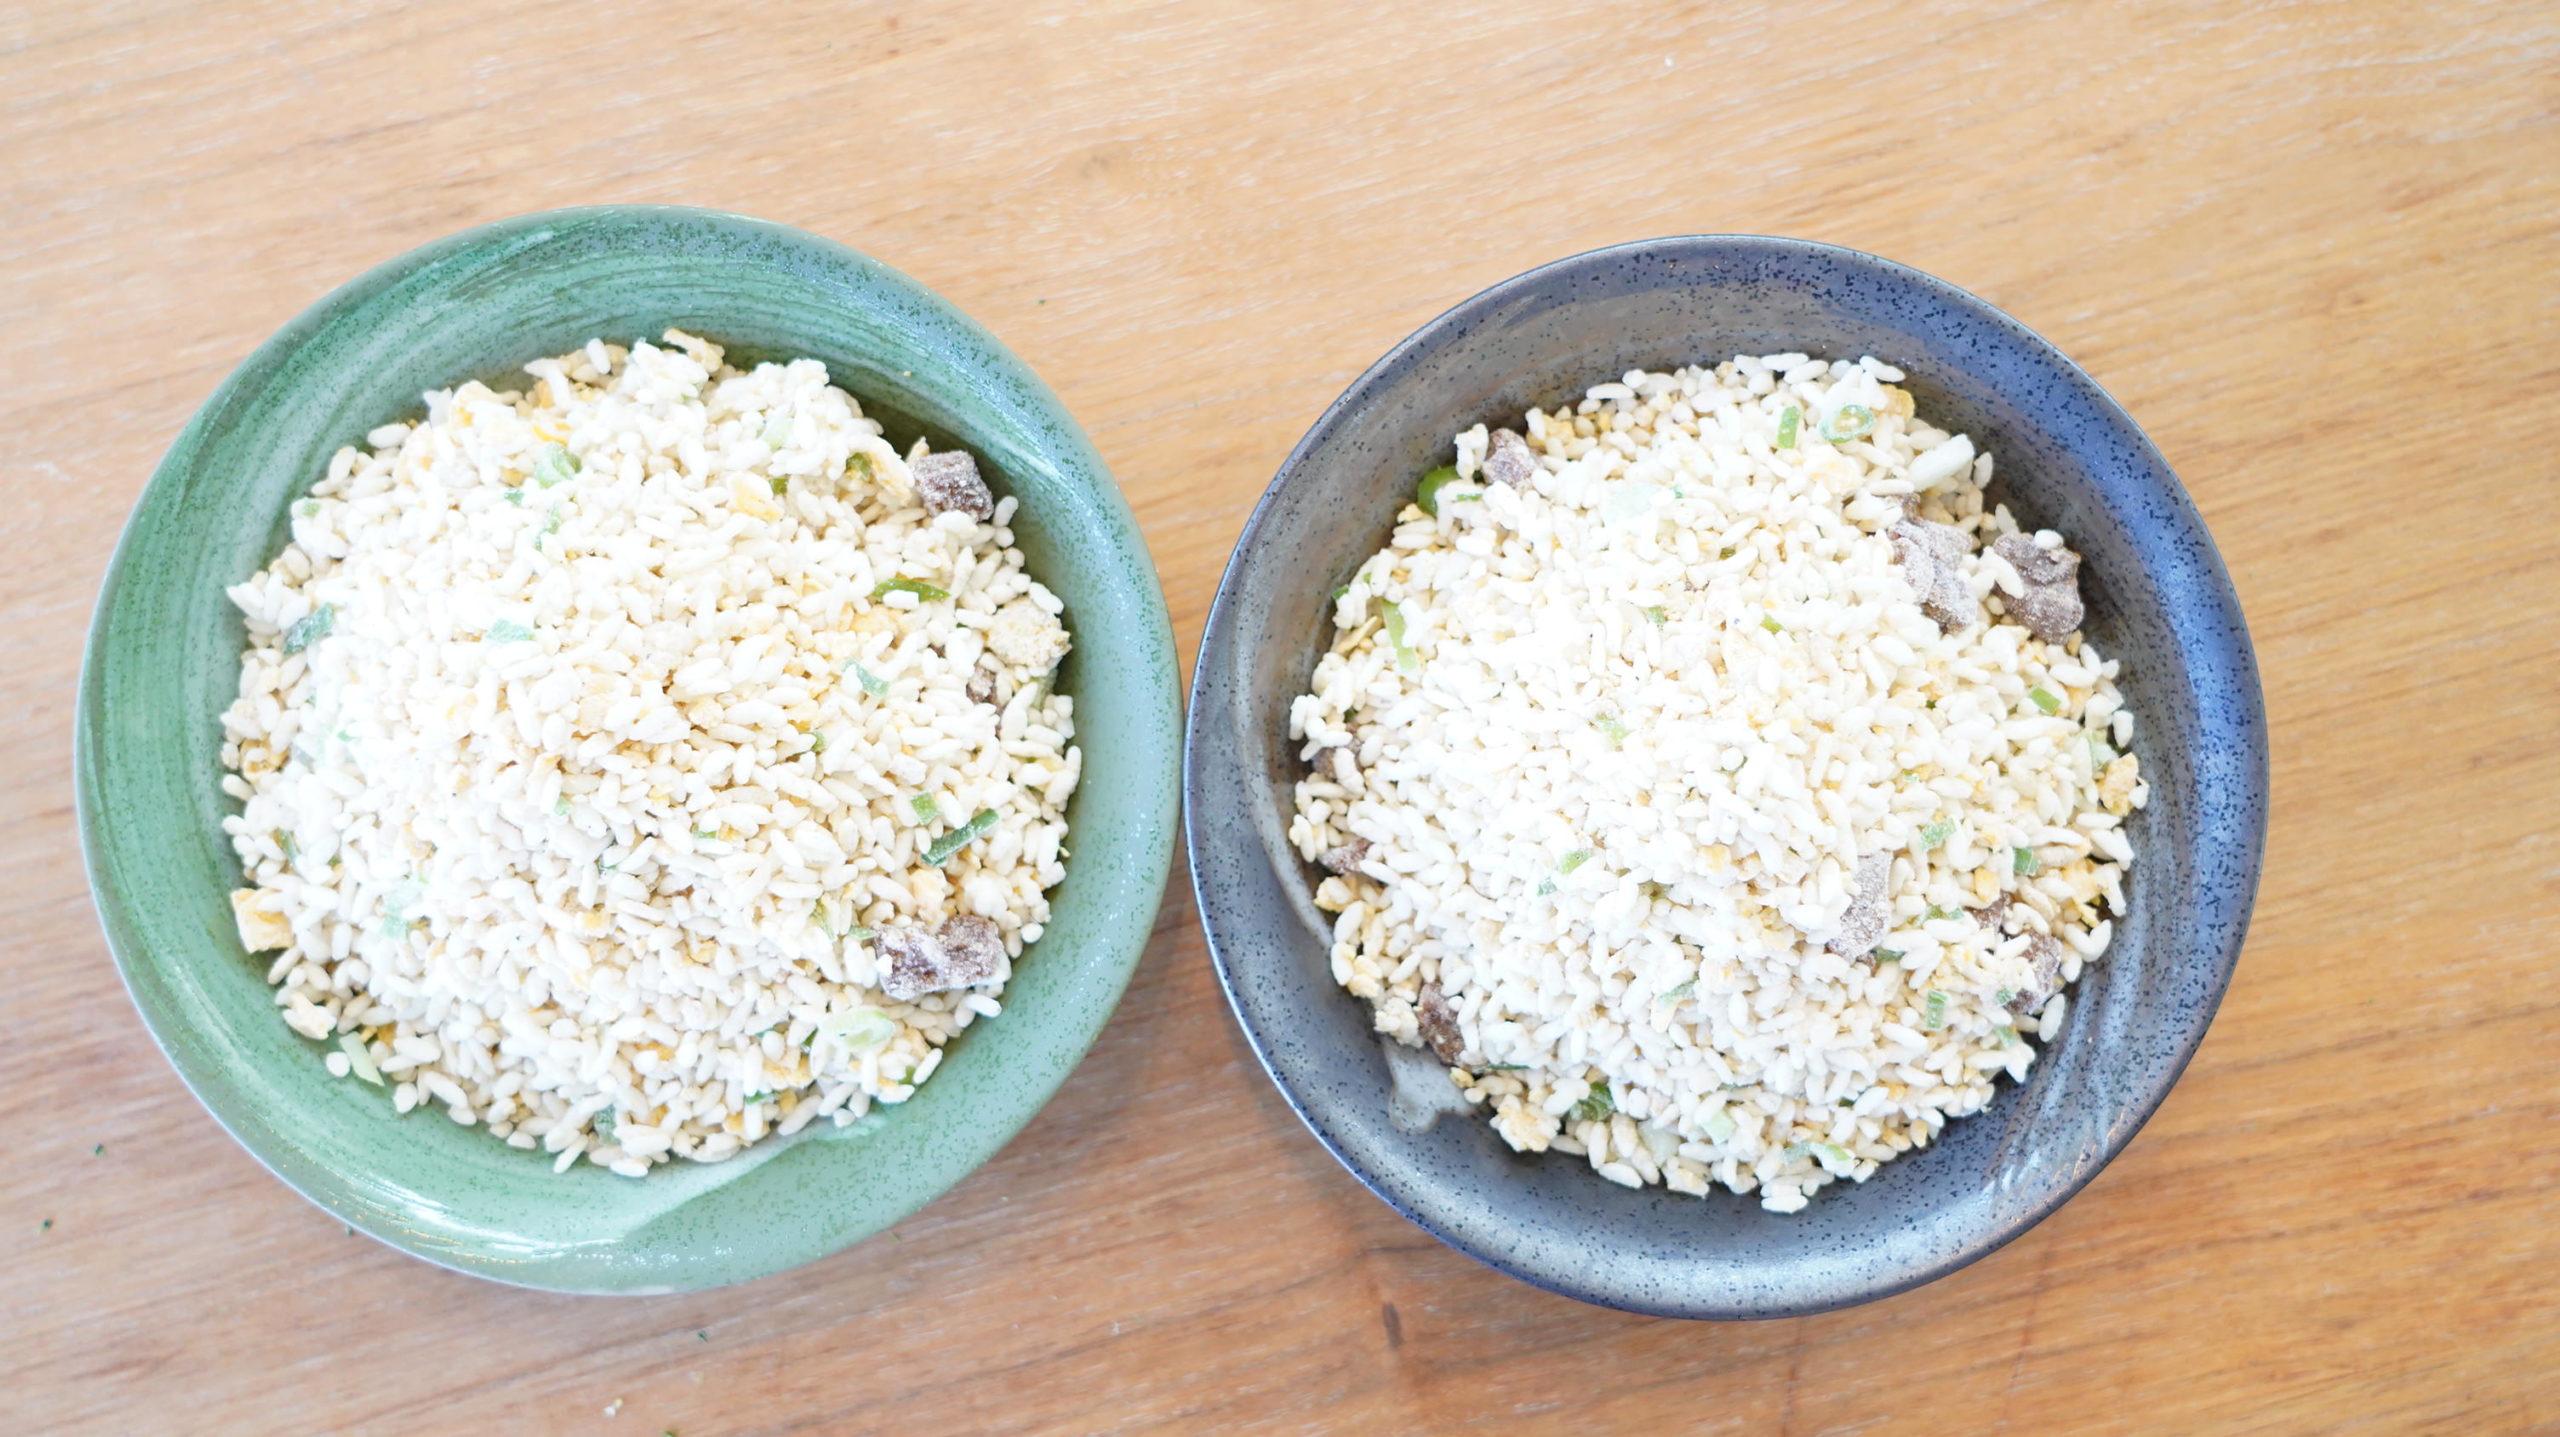 味の素の冷凍食品「焦がしにんにくのマー油と葱油が香るザ★チャーハン」がお皿2皿に盛り付けられている写真